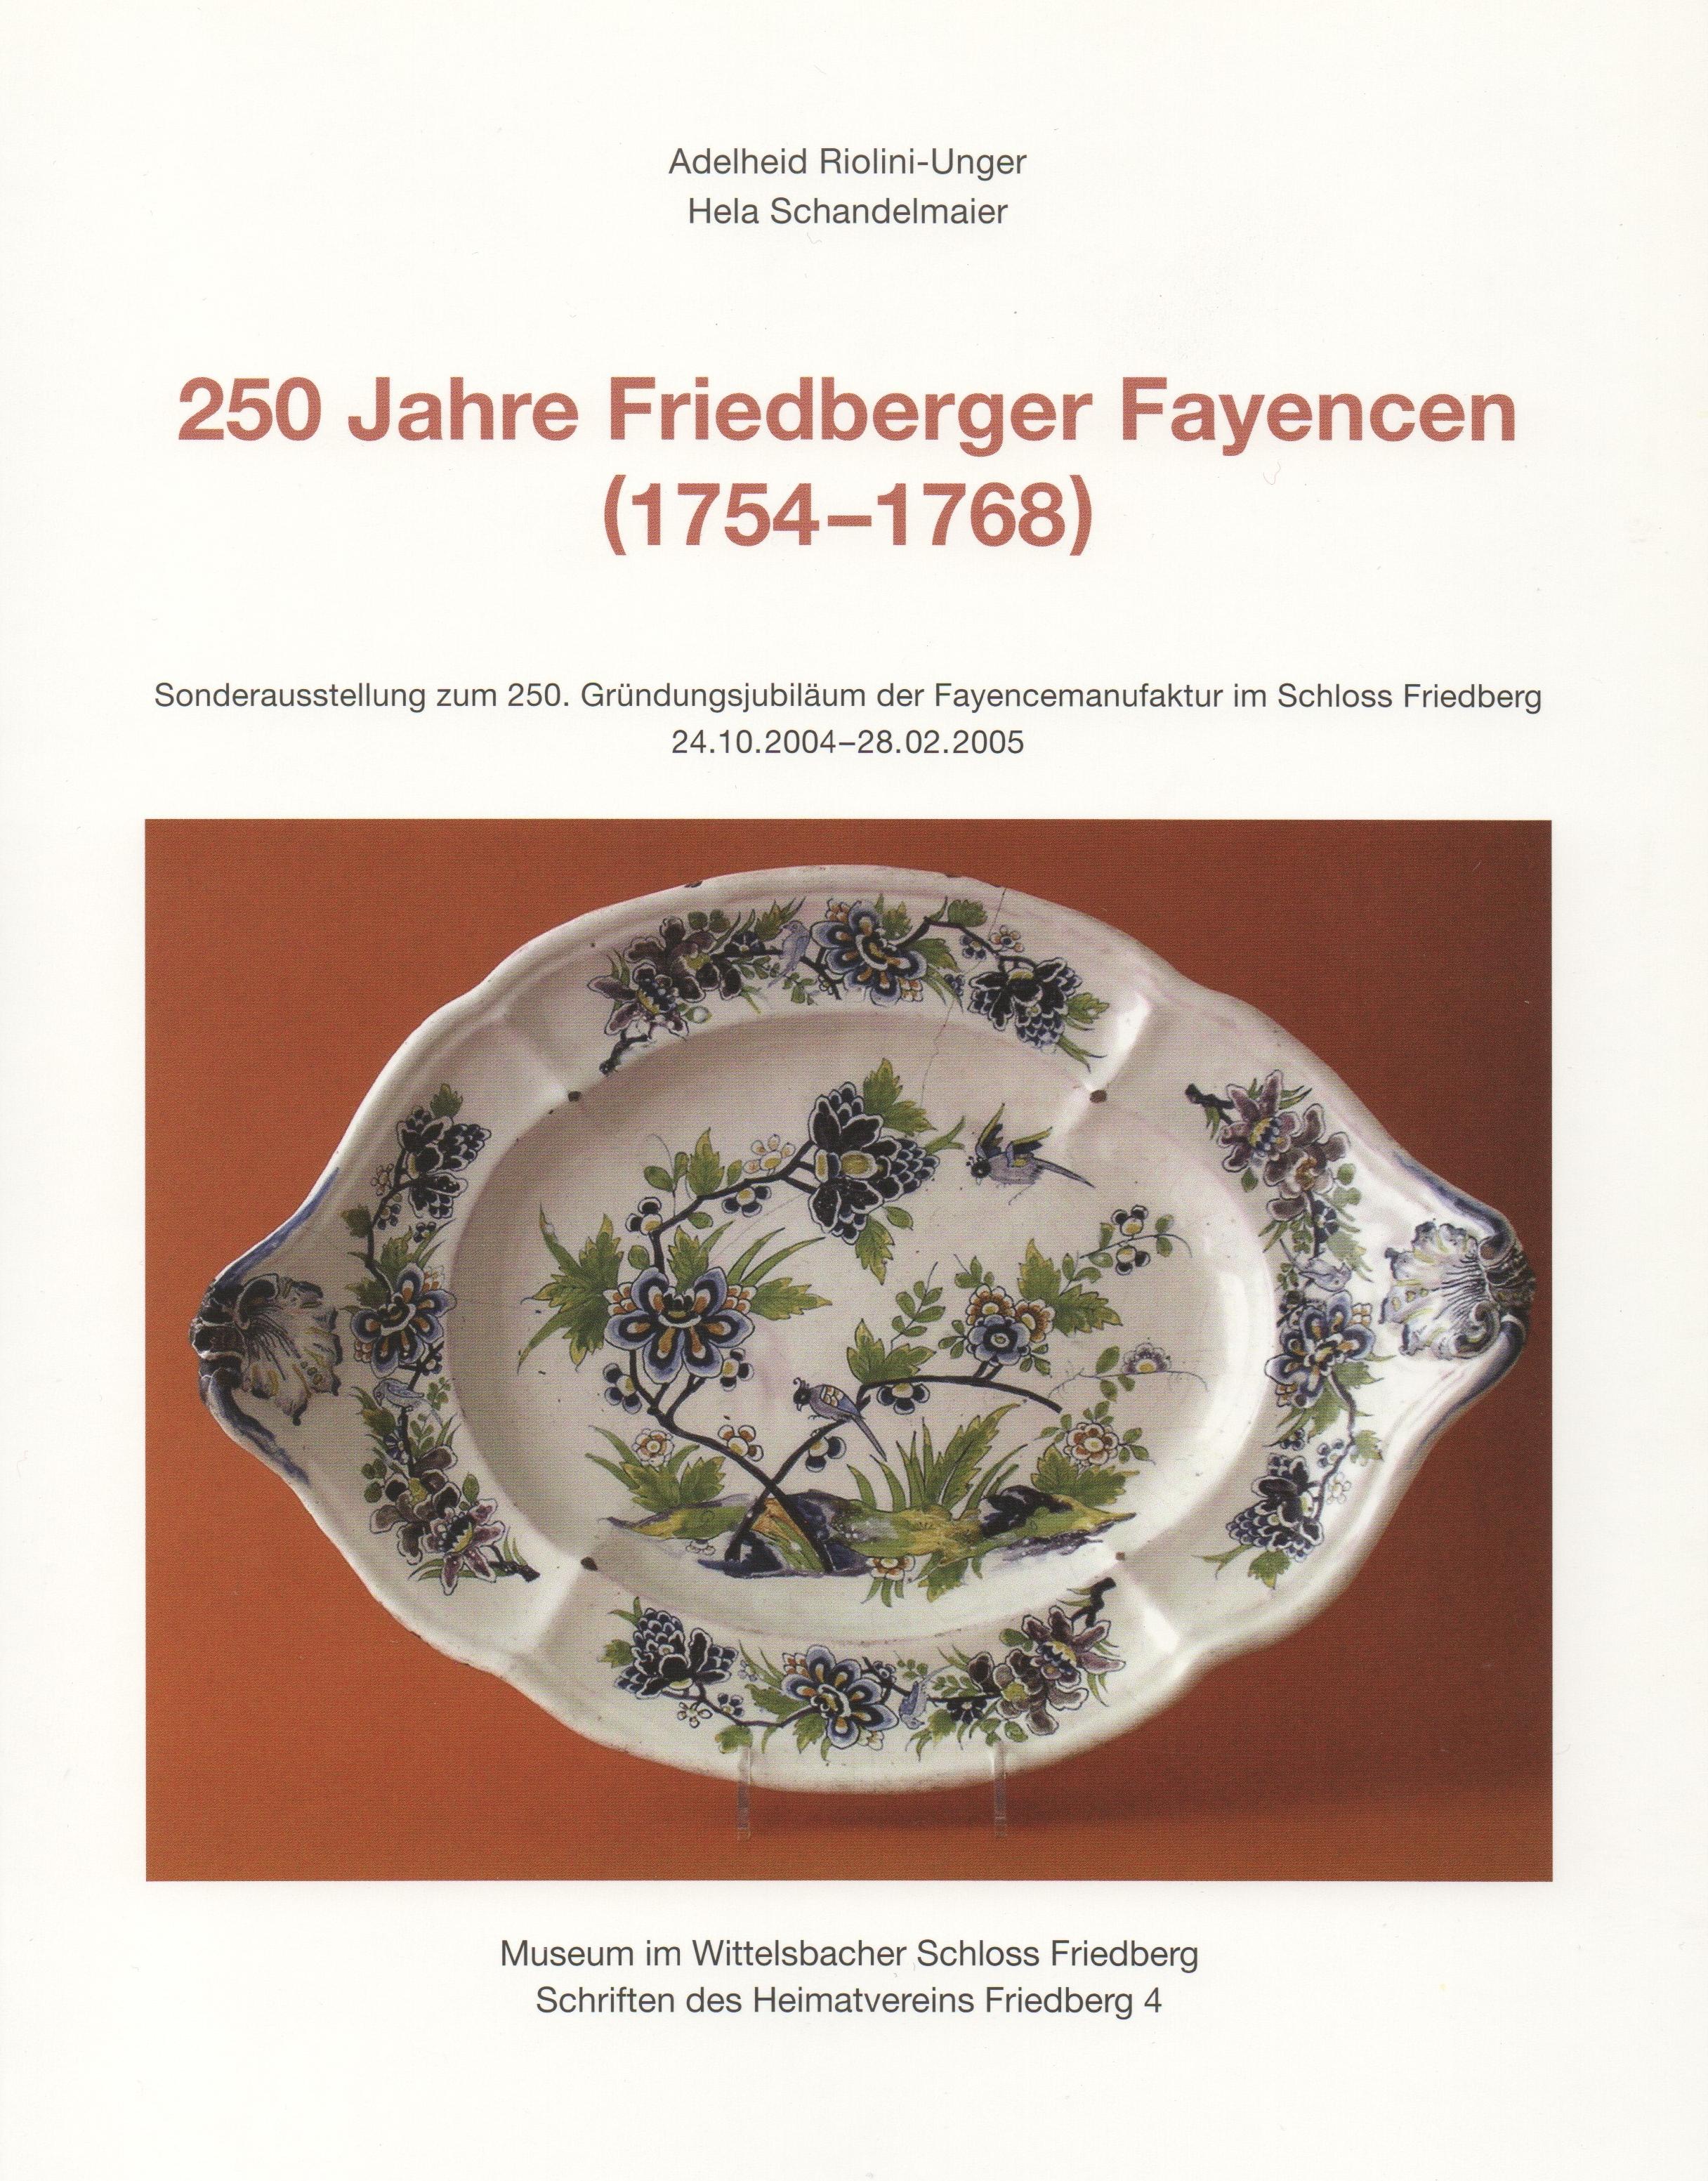 Museum im Wittelsbacher Schloss Friedberg 200 Jahre Friedberger Fayence